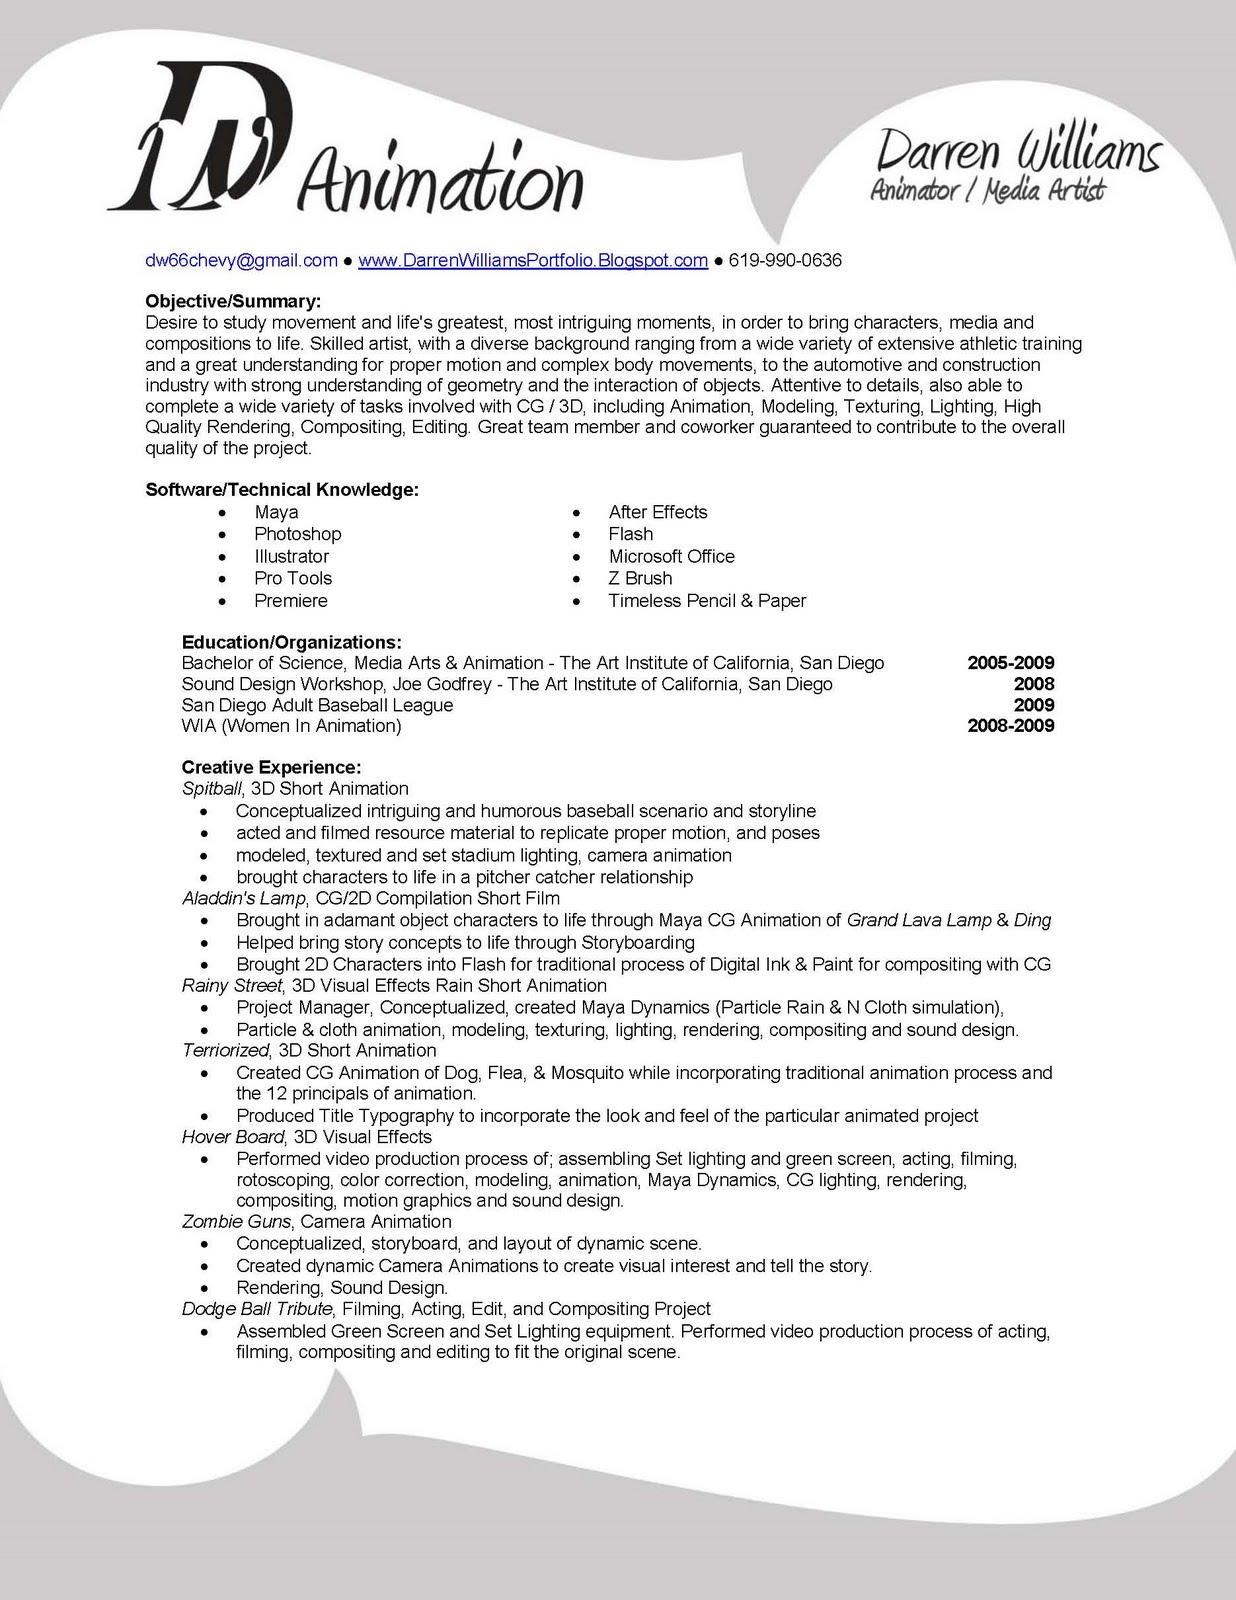 darren williams current resume